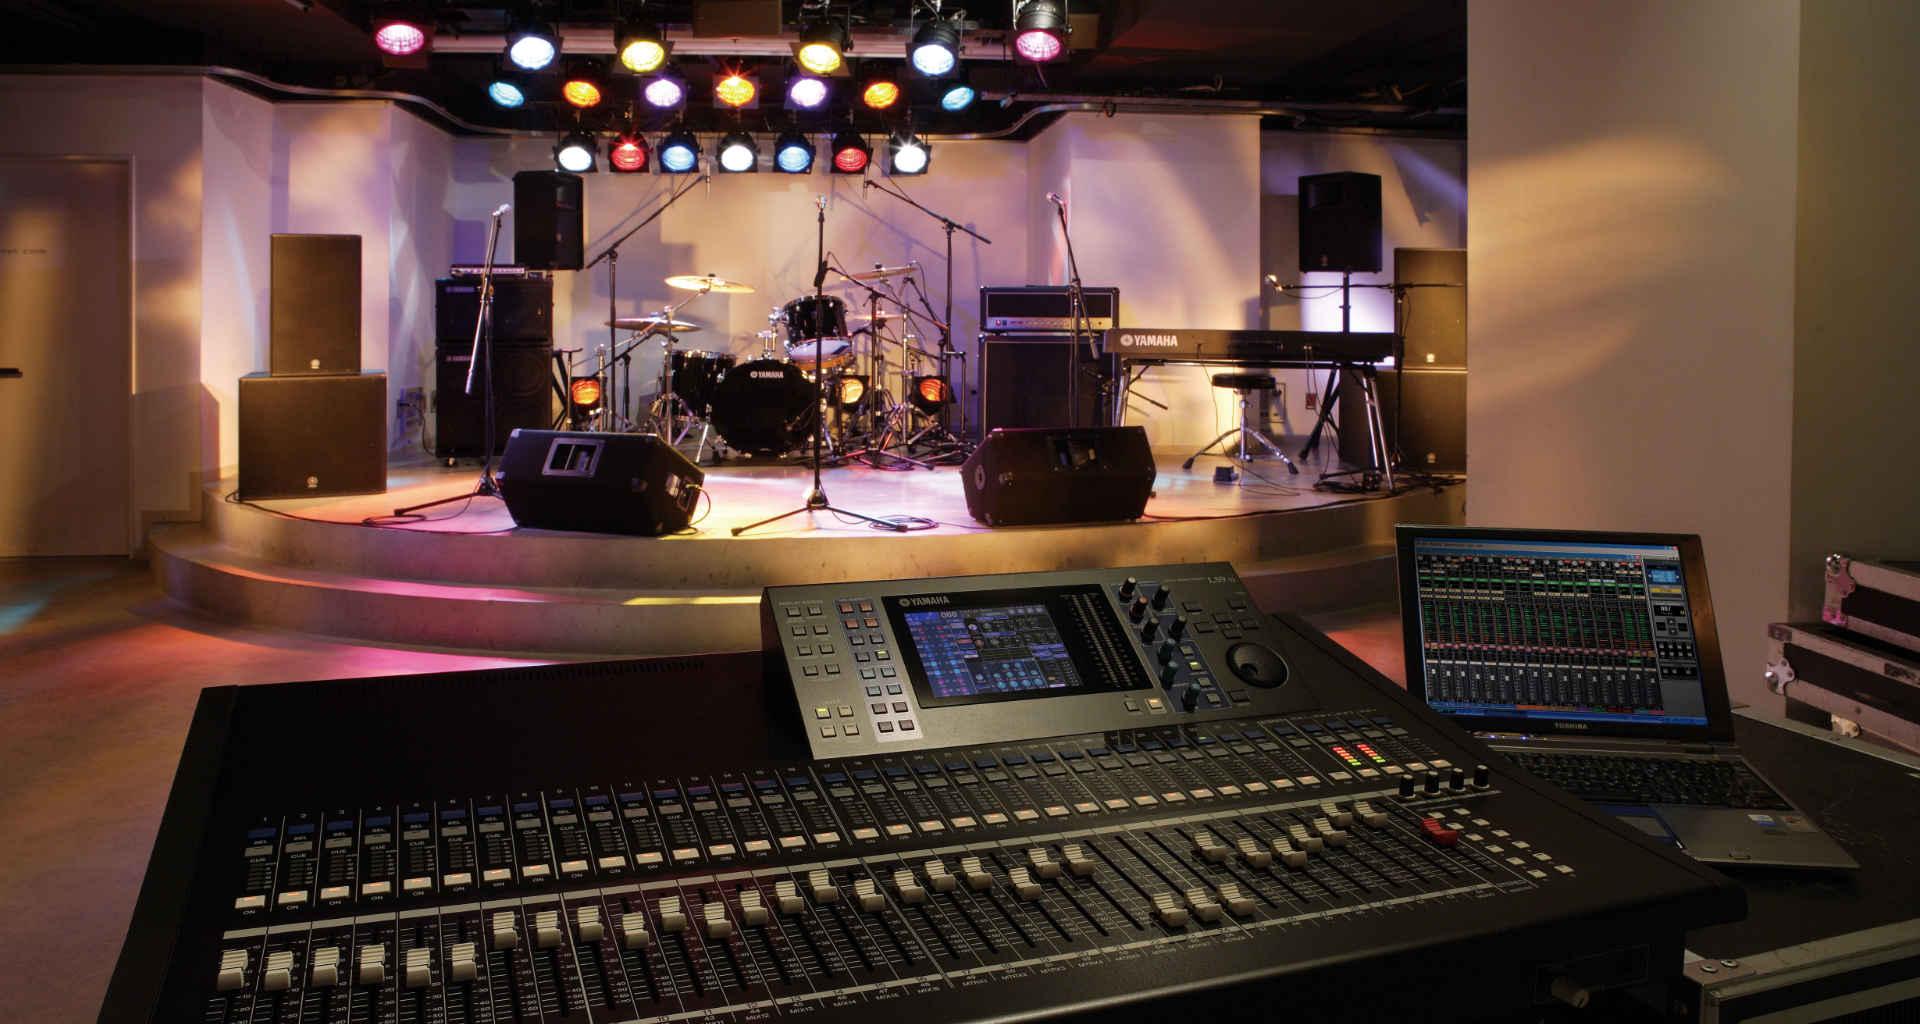 Organizirate dogodek in potrebujete ozvočenje / razsvetljavo? Pomagali vam bomo najti pravega ponudnika ozvočenja in razsvetljave za vaš dogodek